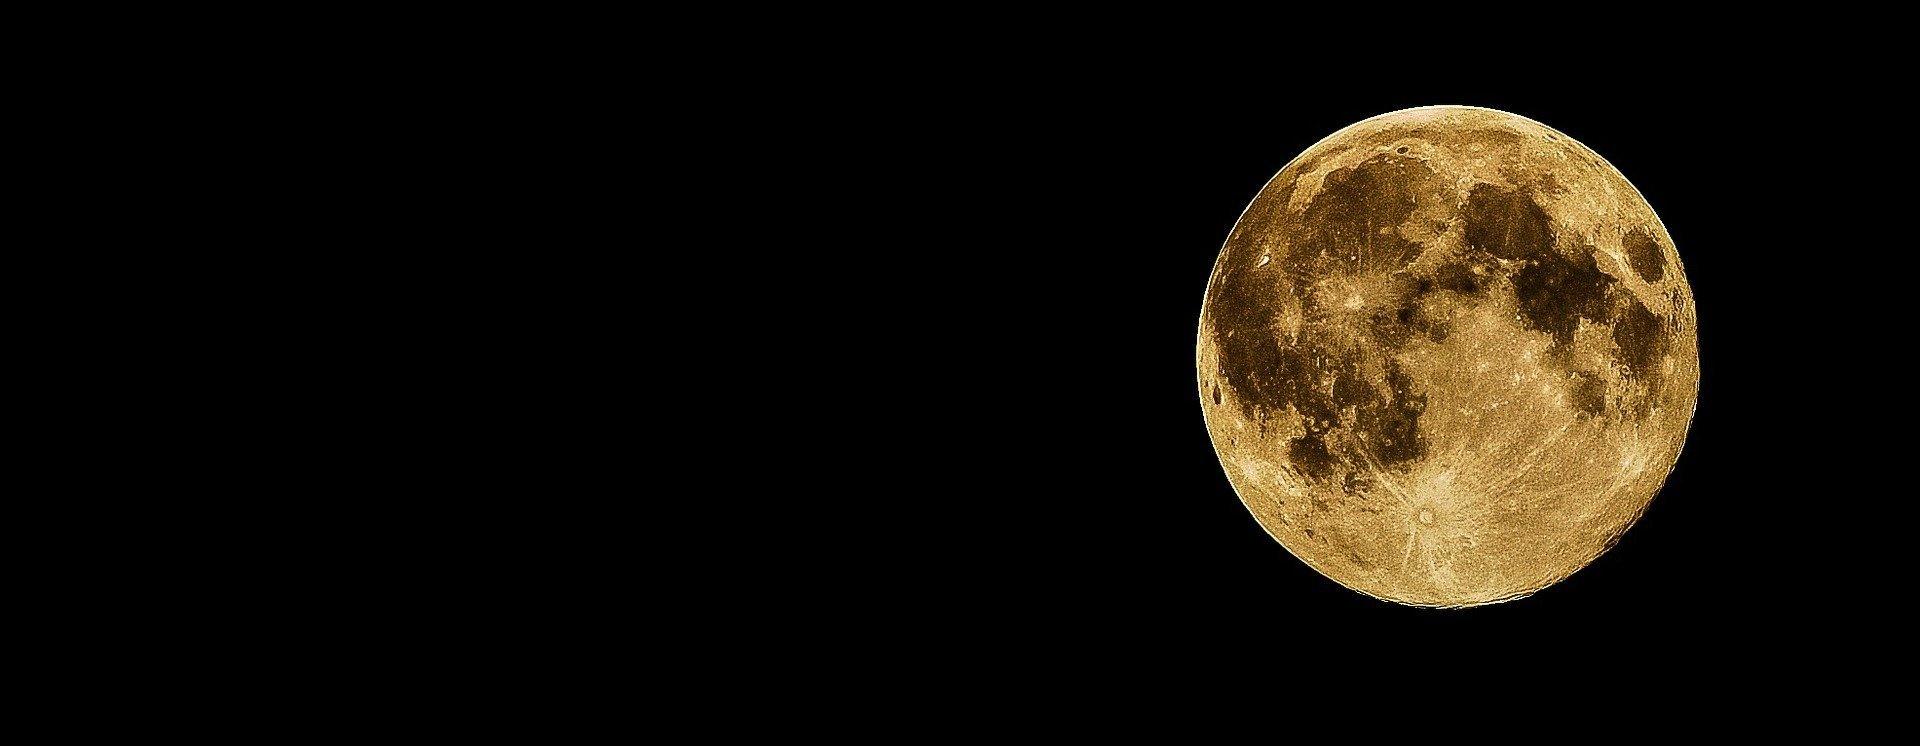 il rapporto tra luna e orto non ha chiare evidenze scientifiche. Buona parte di quanto segue è frutto di tradizioni popolari, tramandate dagli albori dell'agricoltura. Si ipotizza addirittura che certe abitudini servissero a organizzare il lavoro, non tanto a sfruttare influsso della luna in sé.